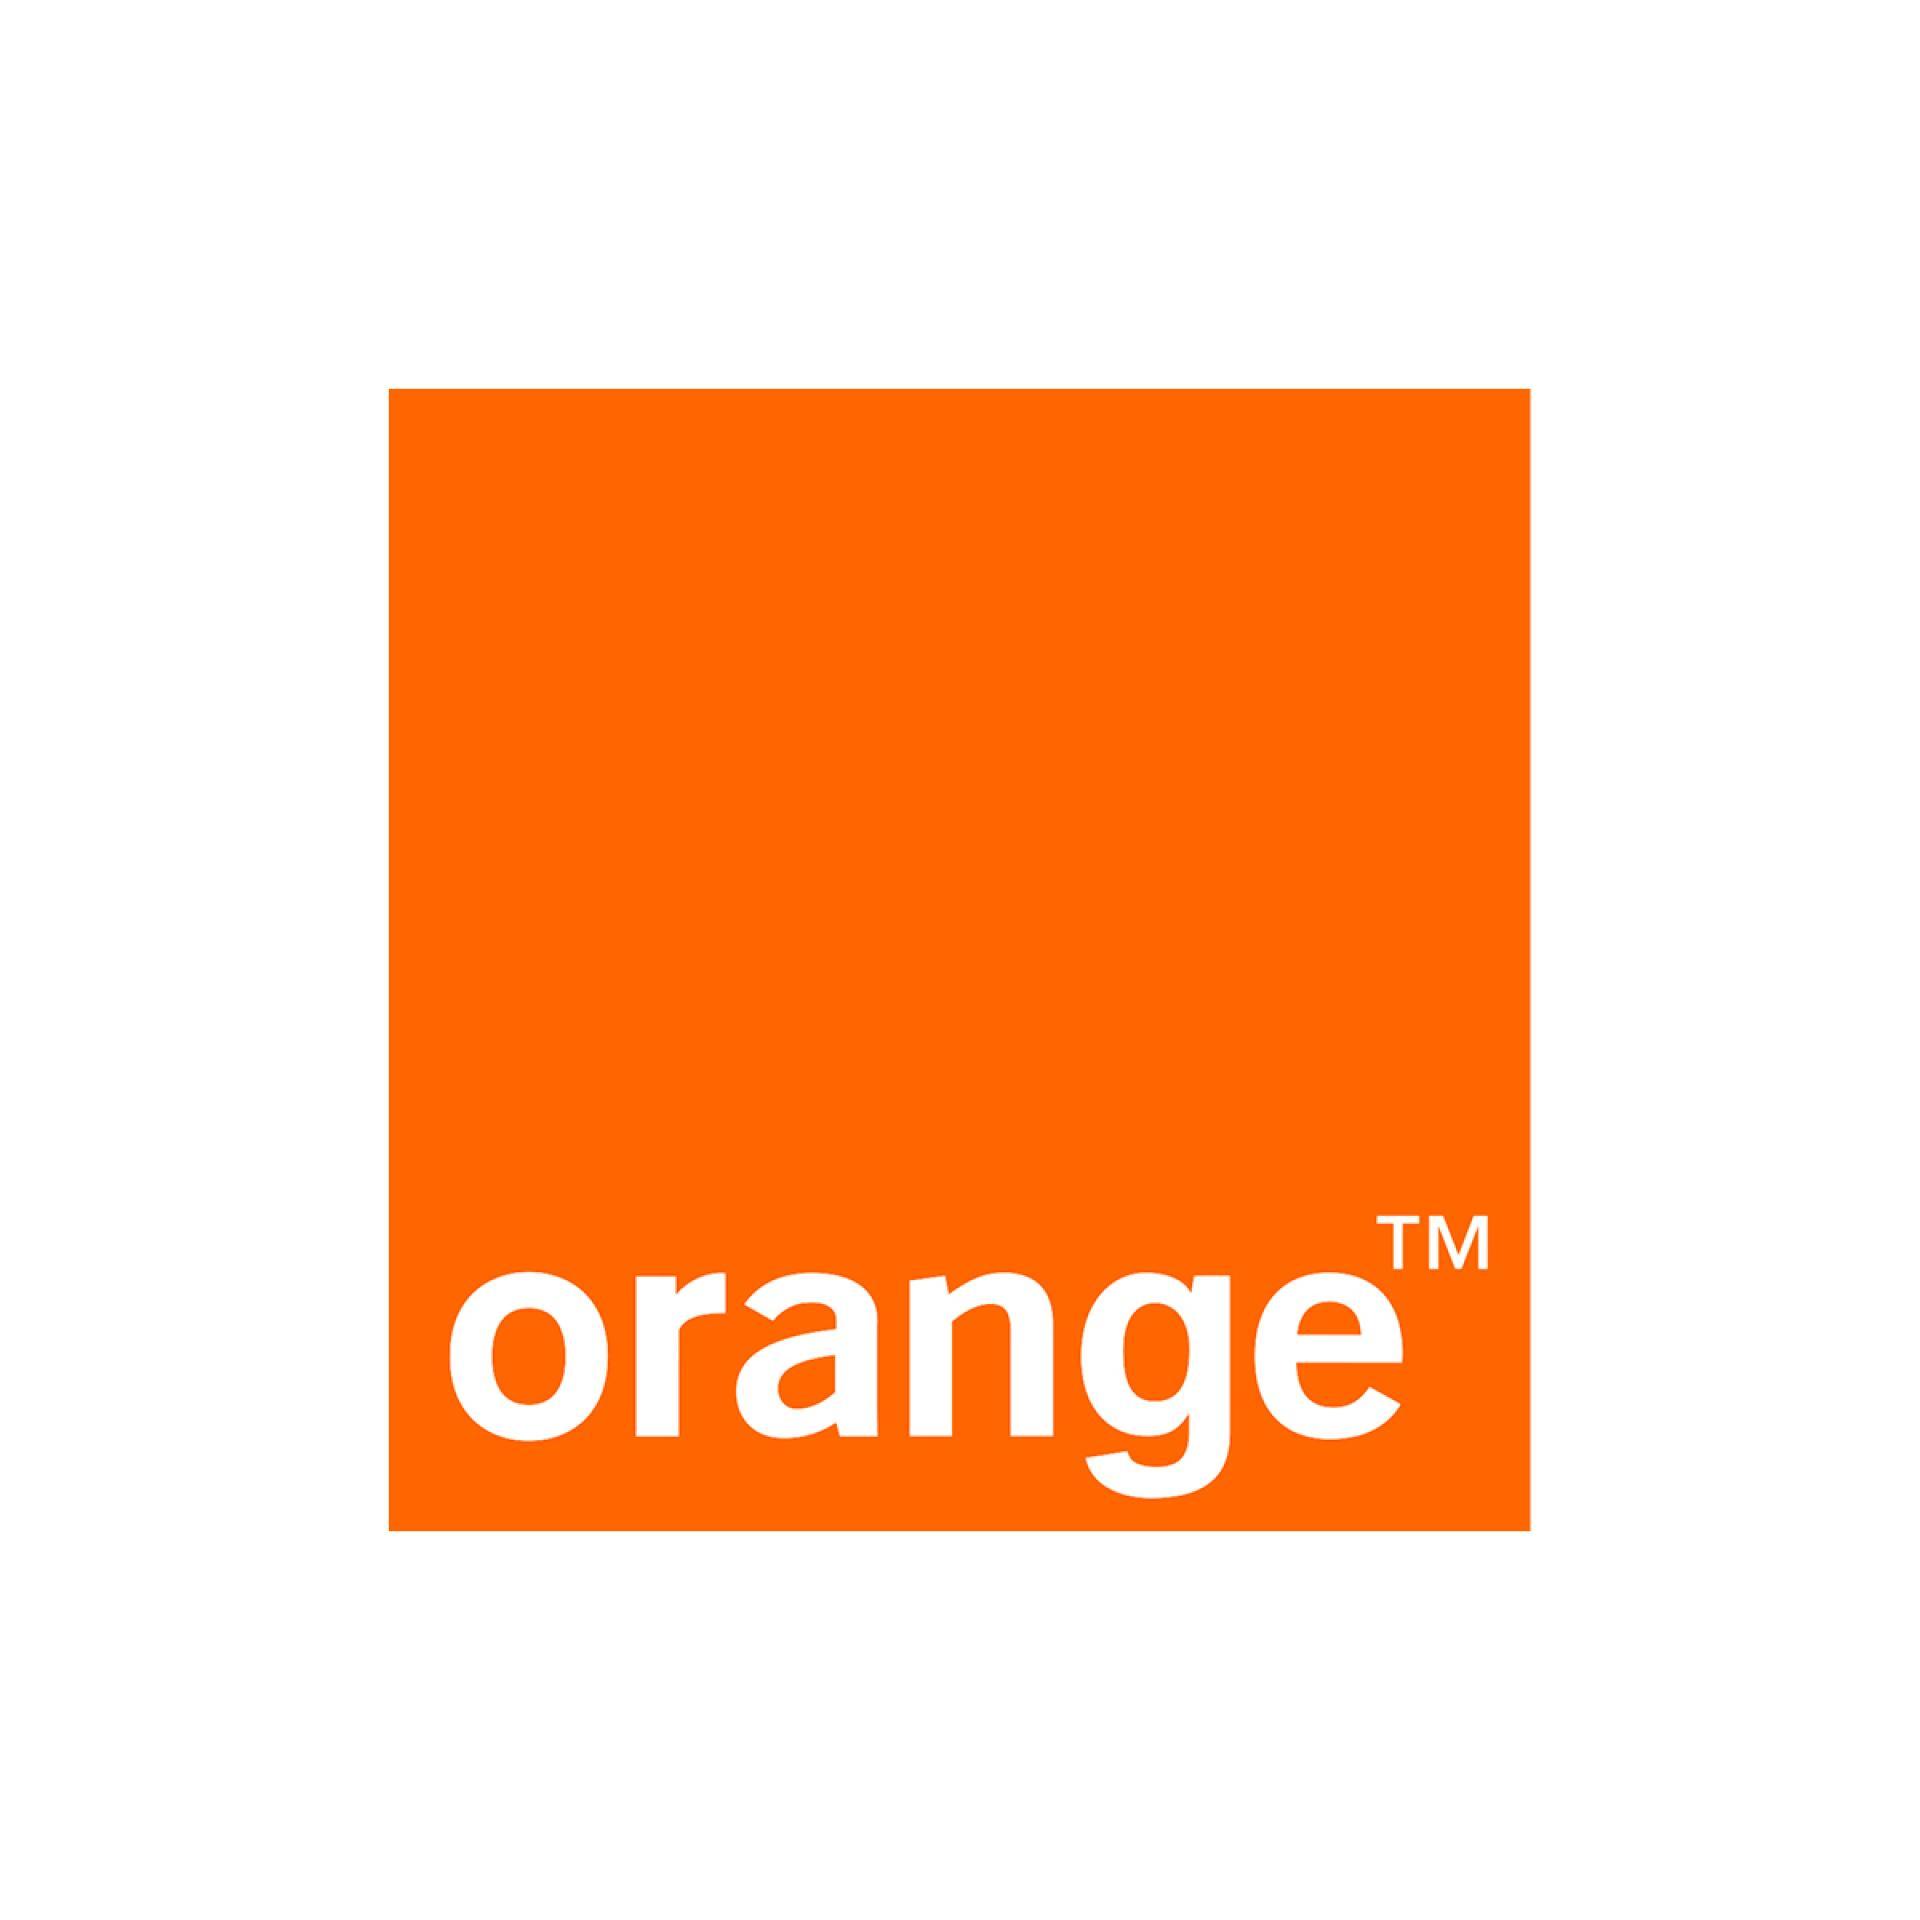 Logo Orange ™